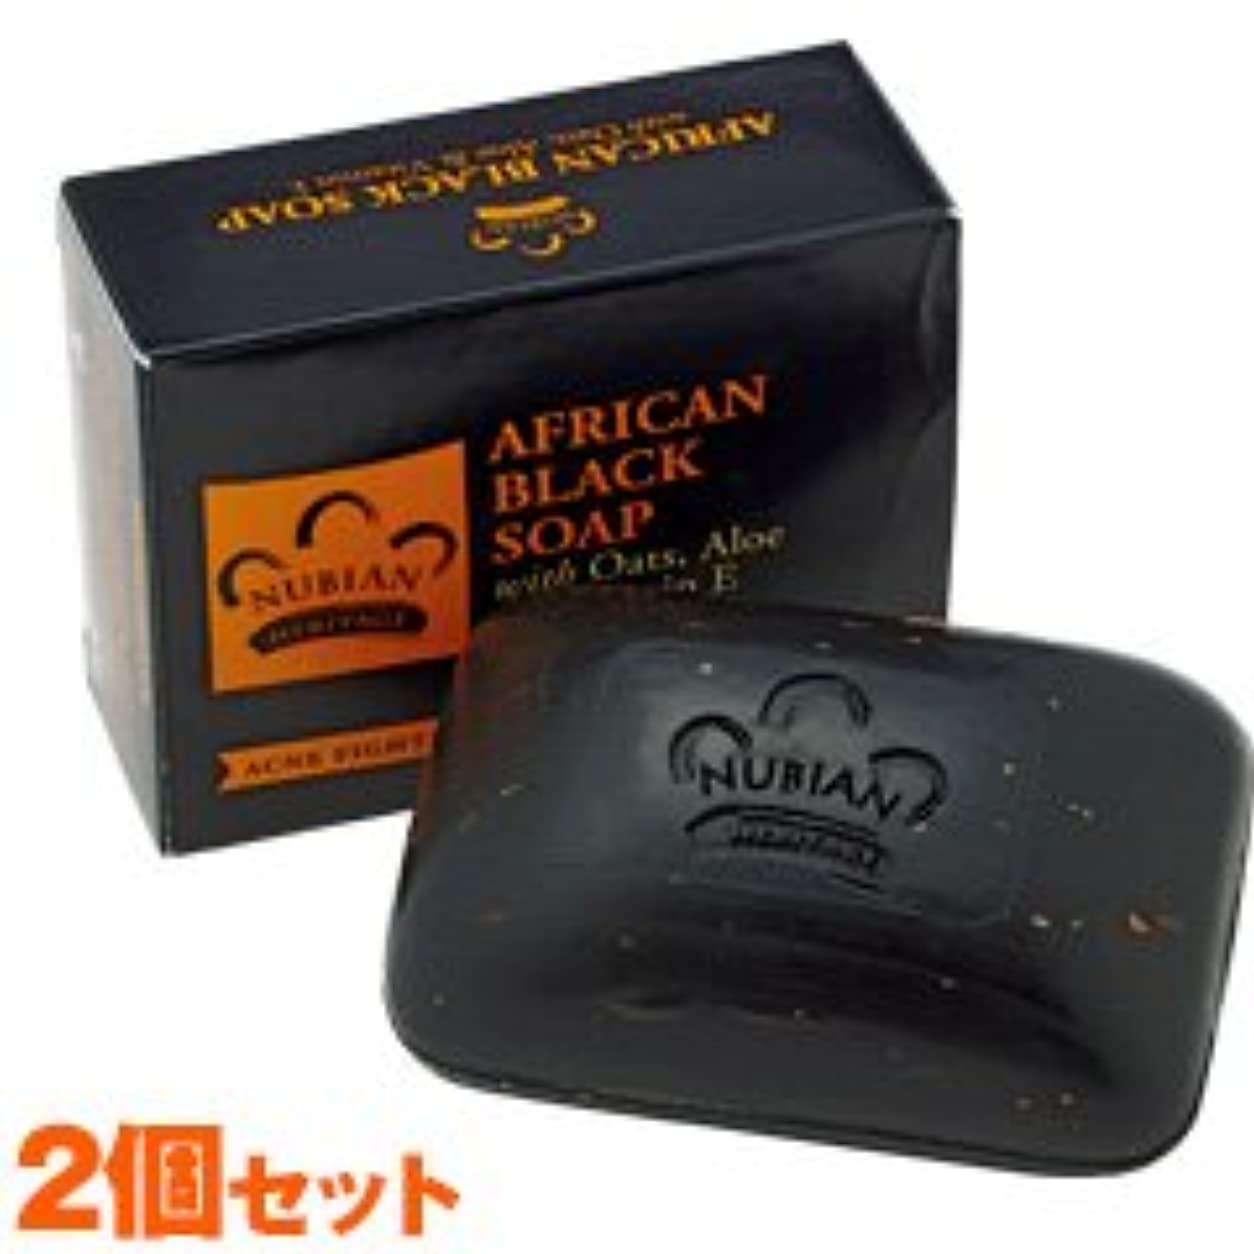 薬より多いクラスヌビアン ヘリテージ(NUBIAN HERITAGE)アフリカン ブラック ソープバー 2個セット 141gX2[並行輸入品][海外直送品]